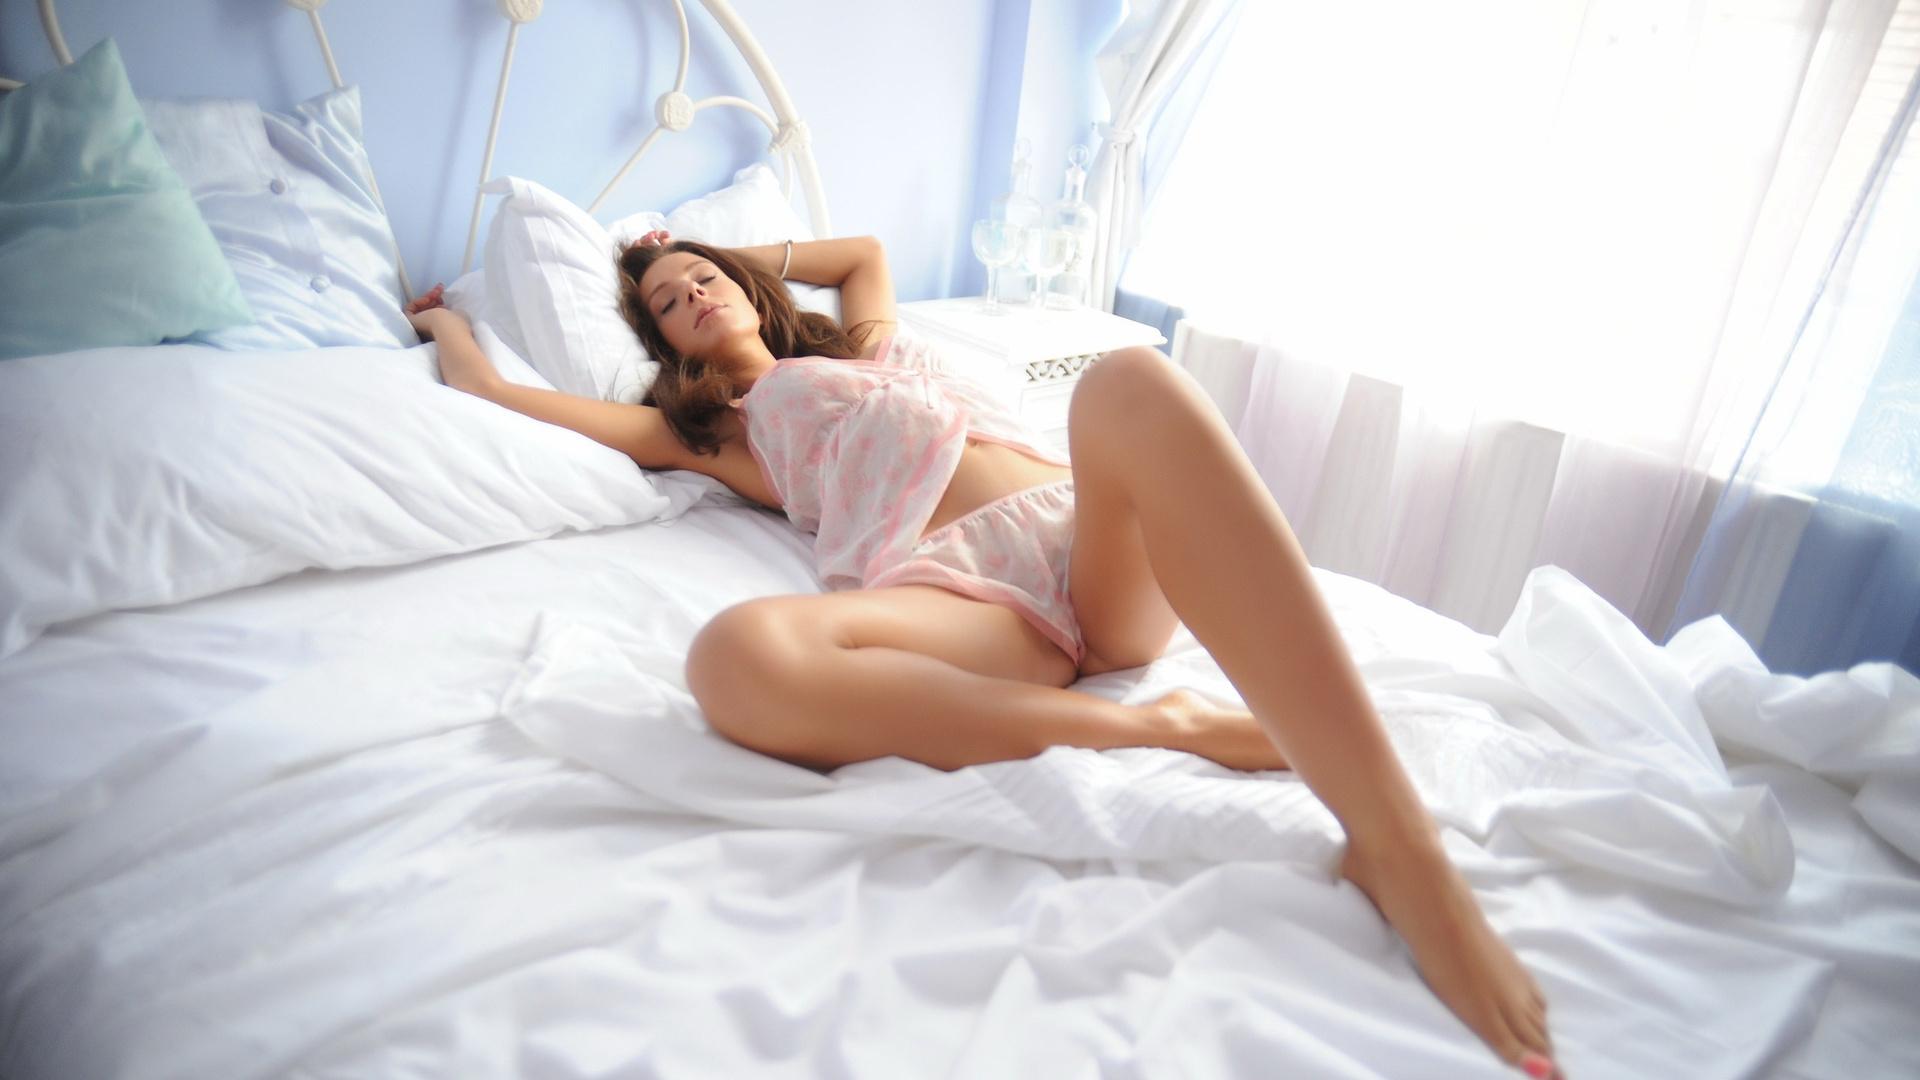 Сонник сон муж голый лежит в ванной